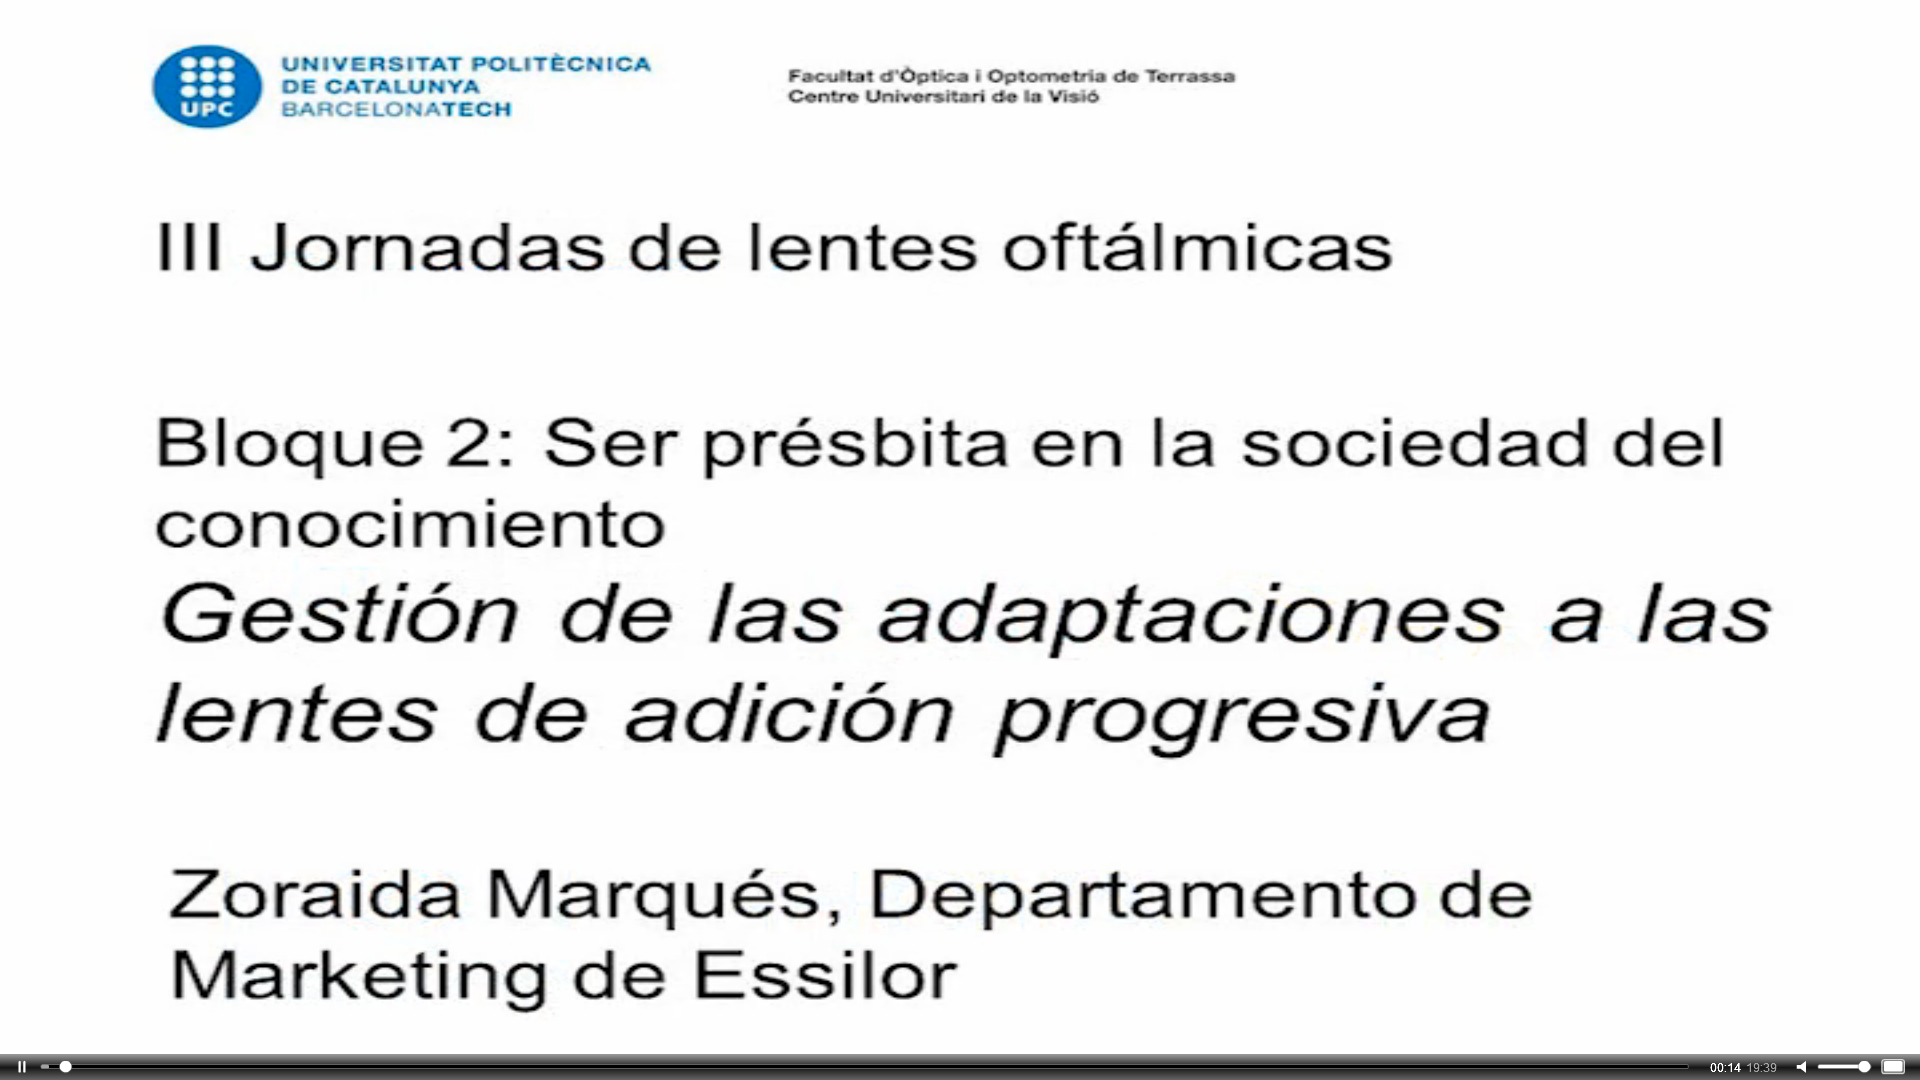 JLO2016_lentes_oftalmicas_gestion_adaptaciones_progresivas(Zoraida_Marques-Essilor)